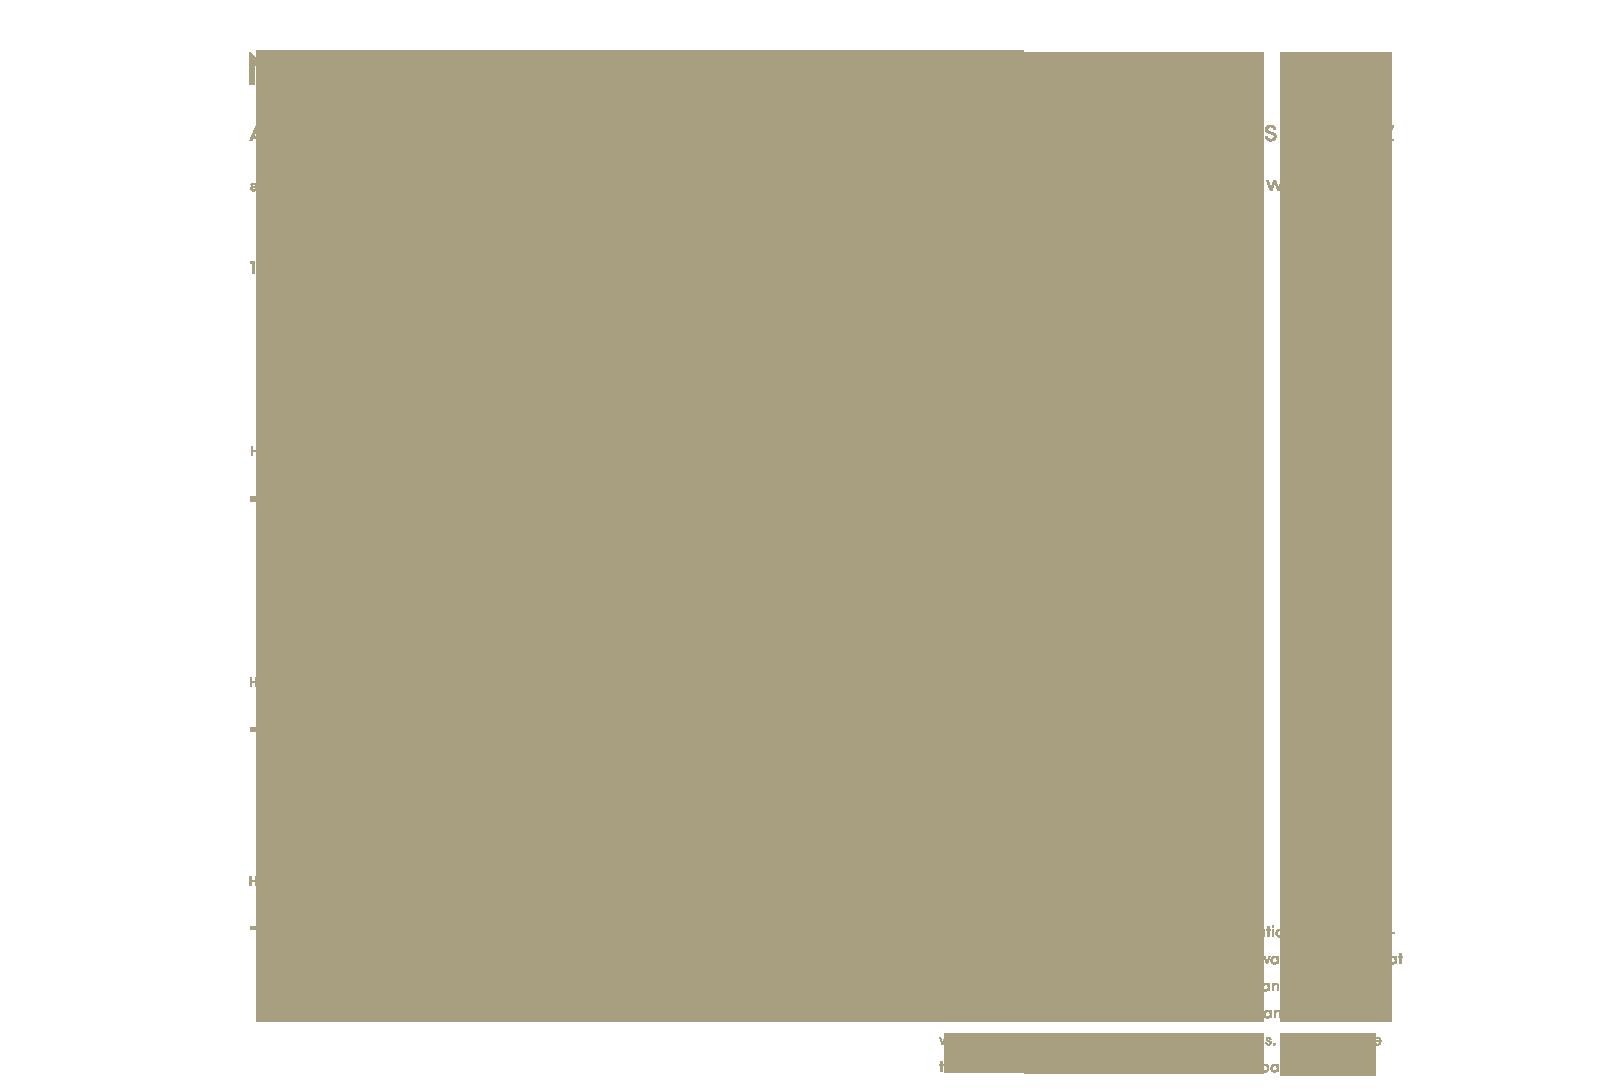 typography-1600x1090_02